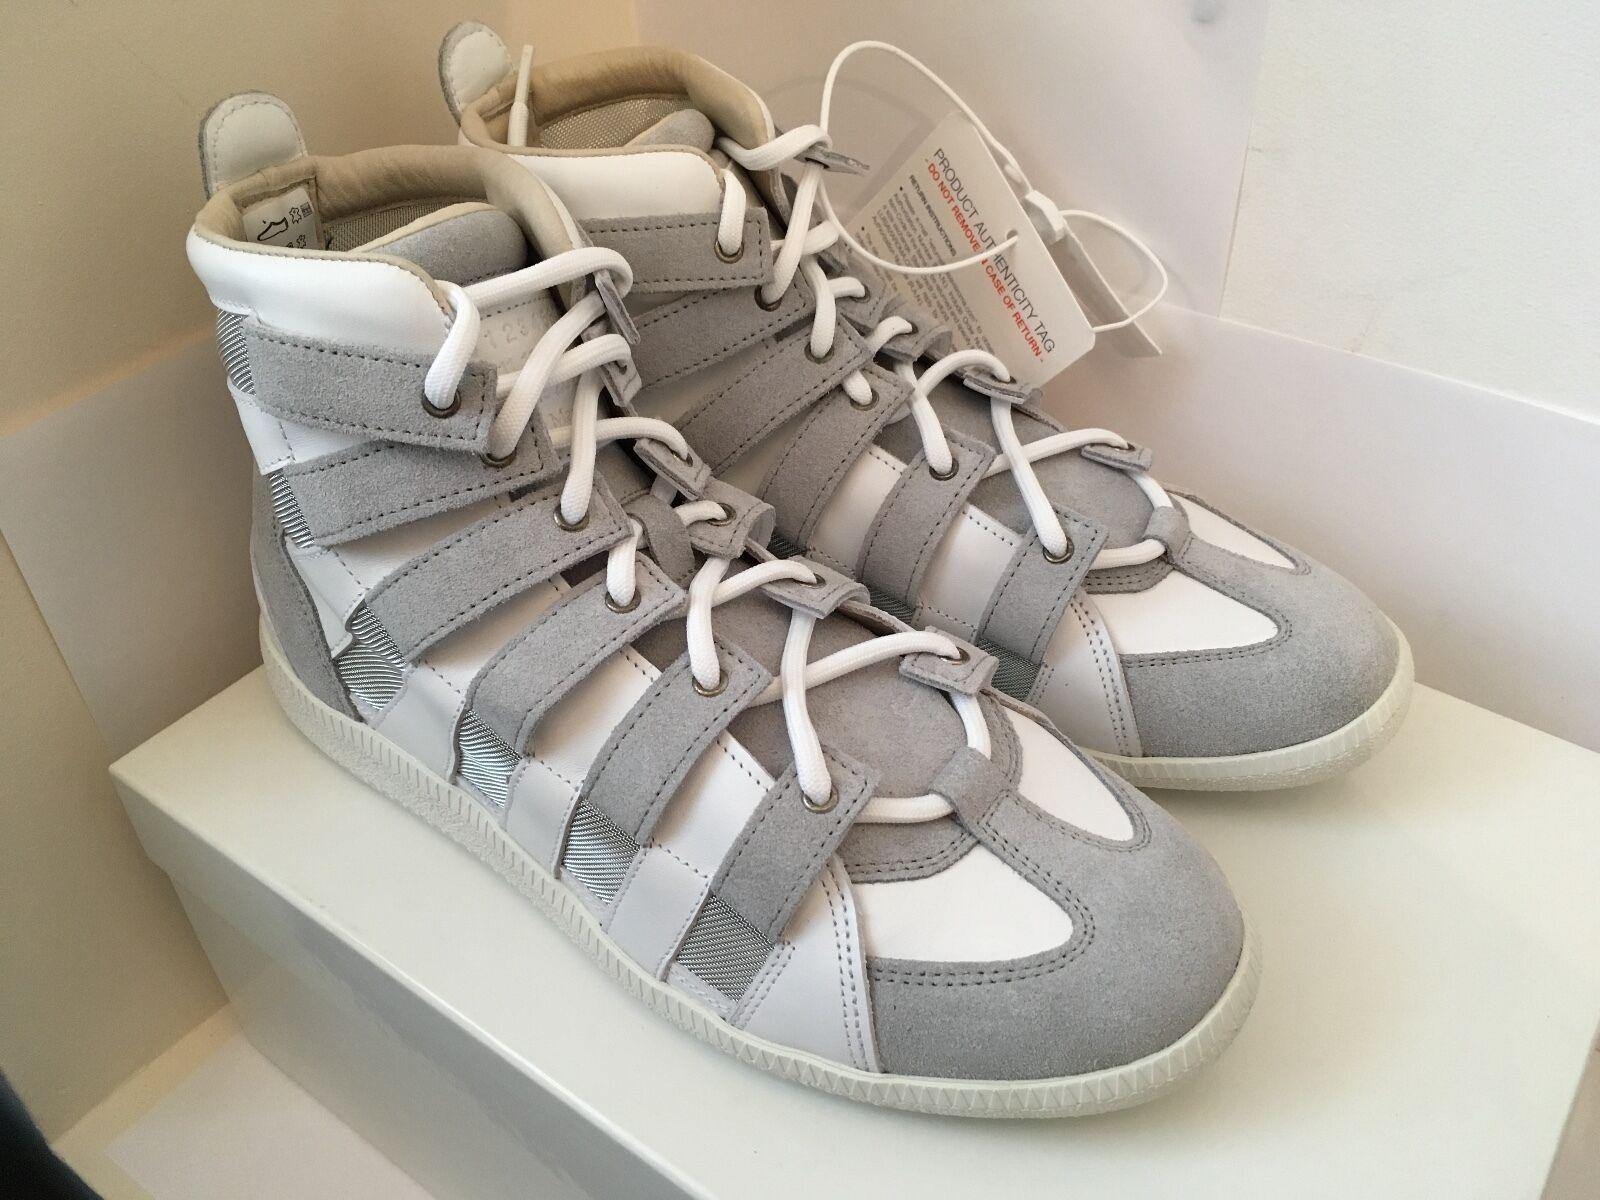 Deadstock Maison Martin Margiela Mesh Stripe High Top Sneakers.....MMM, GAT, CDG